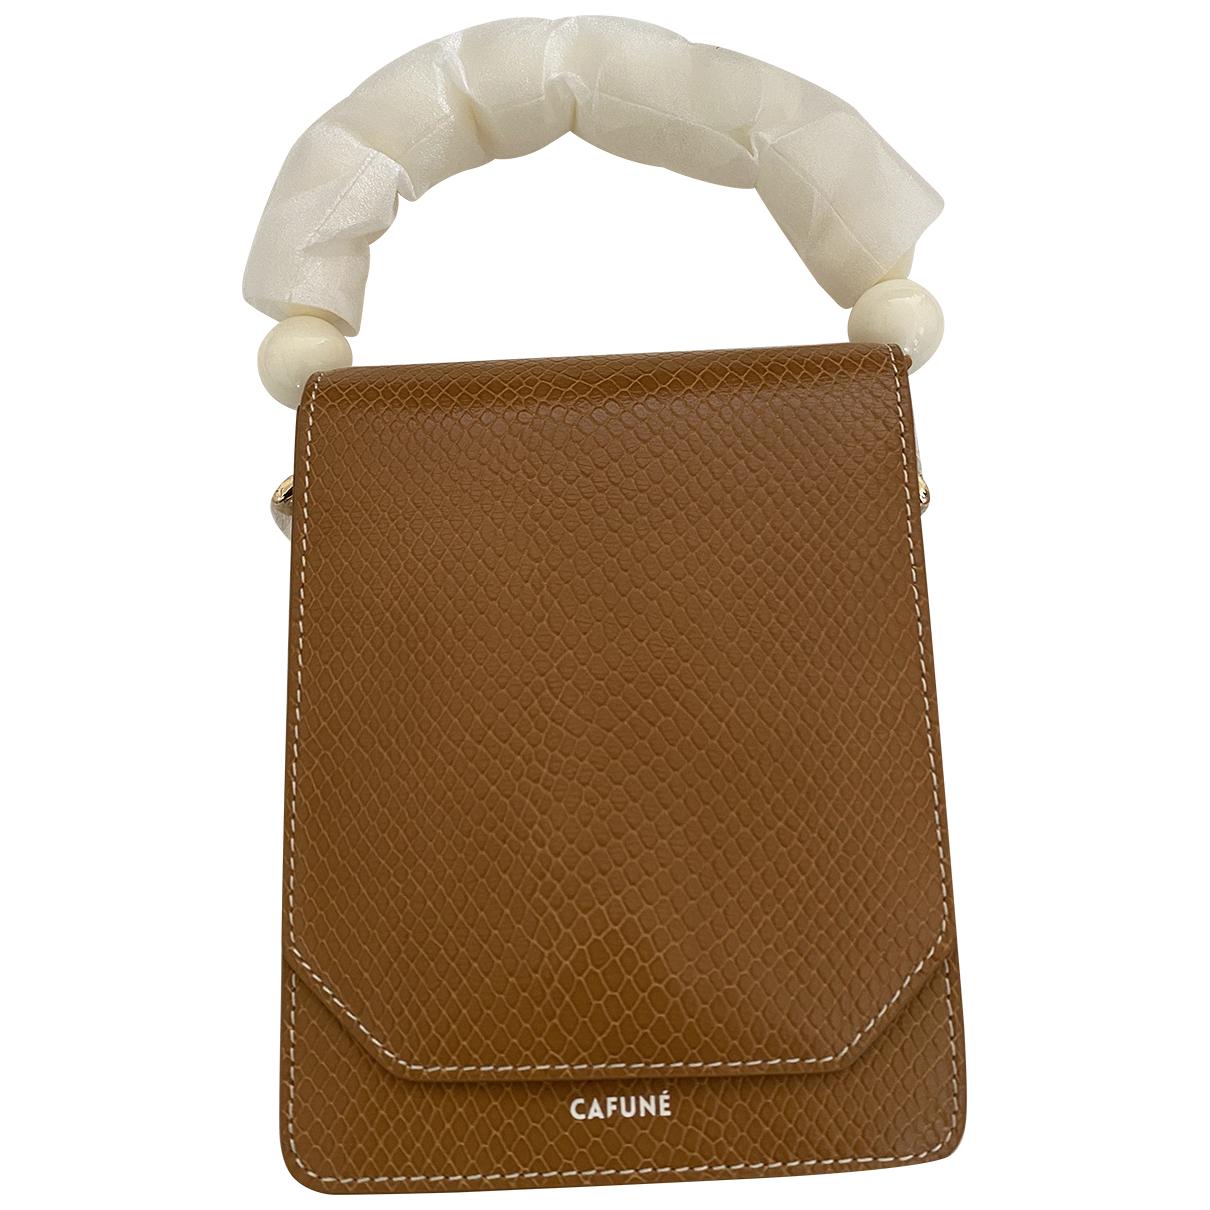 Cafune - Pochette   pour femme en cuir